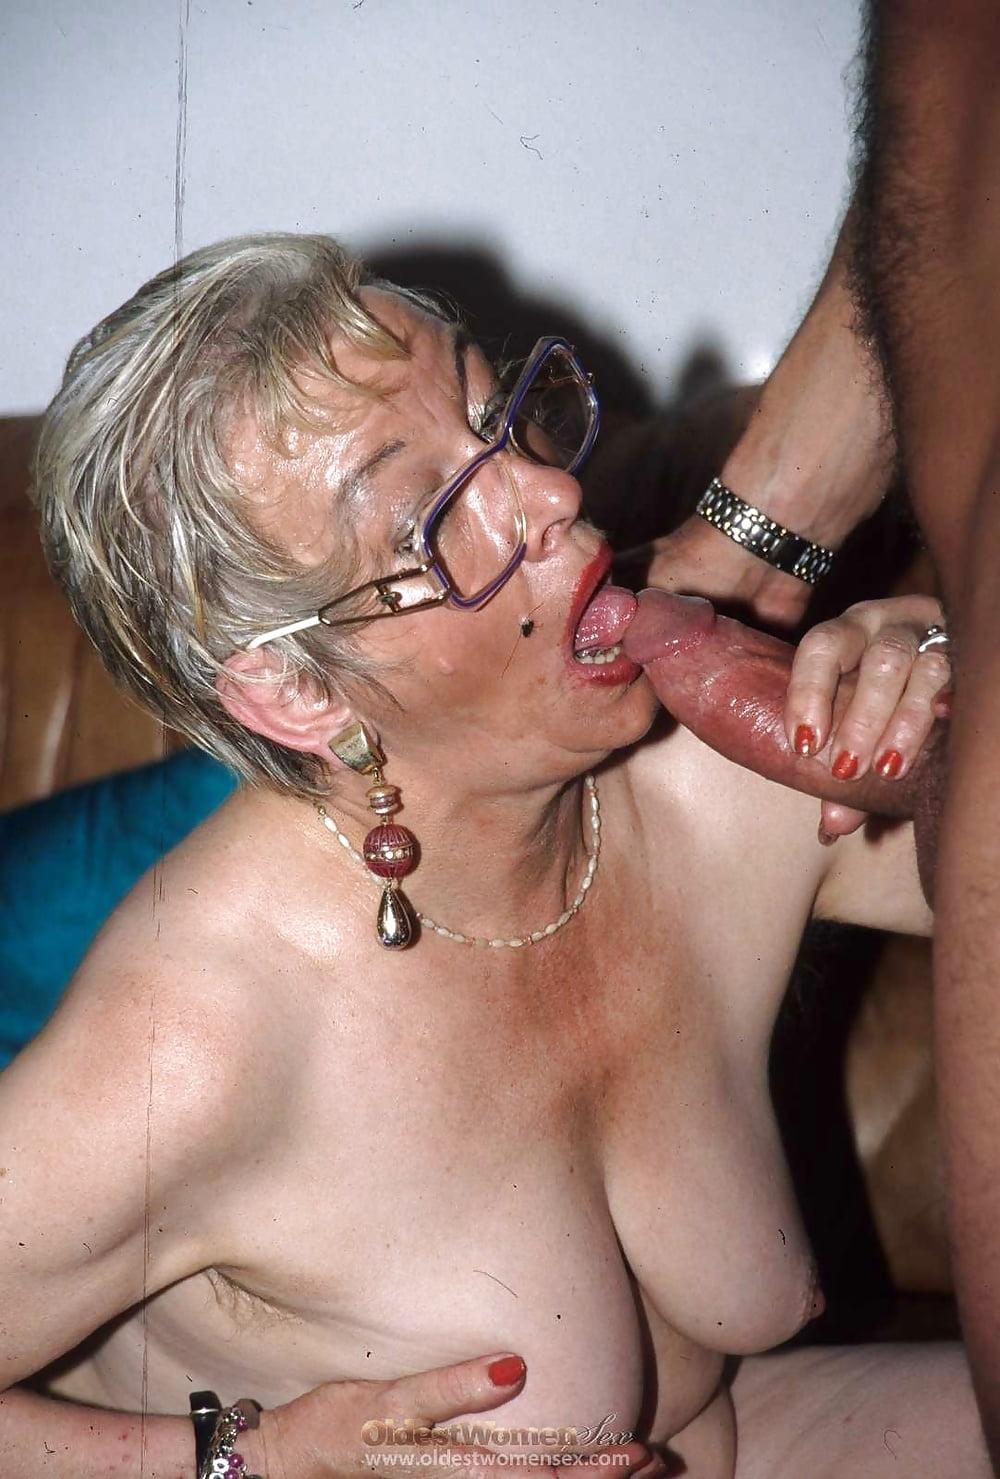 Xxxold granny blowjob xxx, school girl sexual experiences